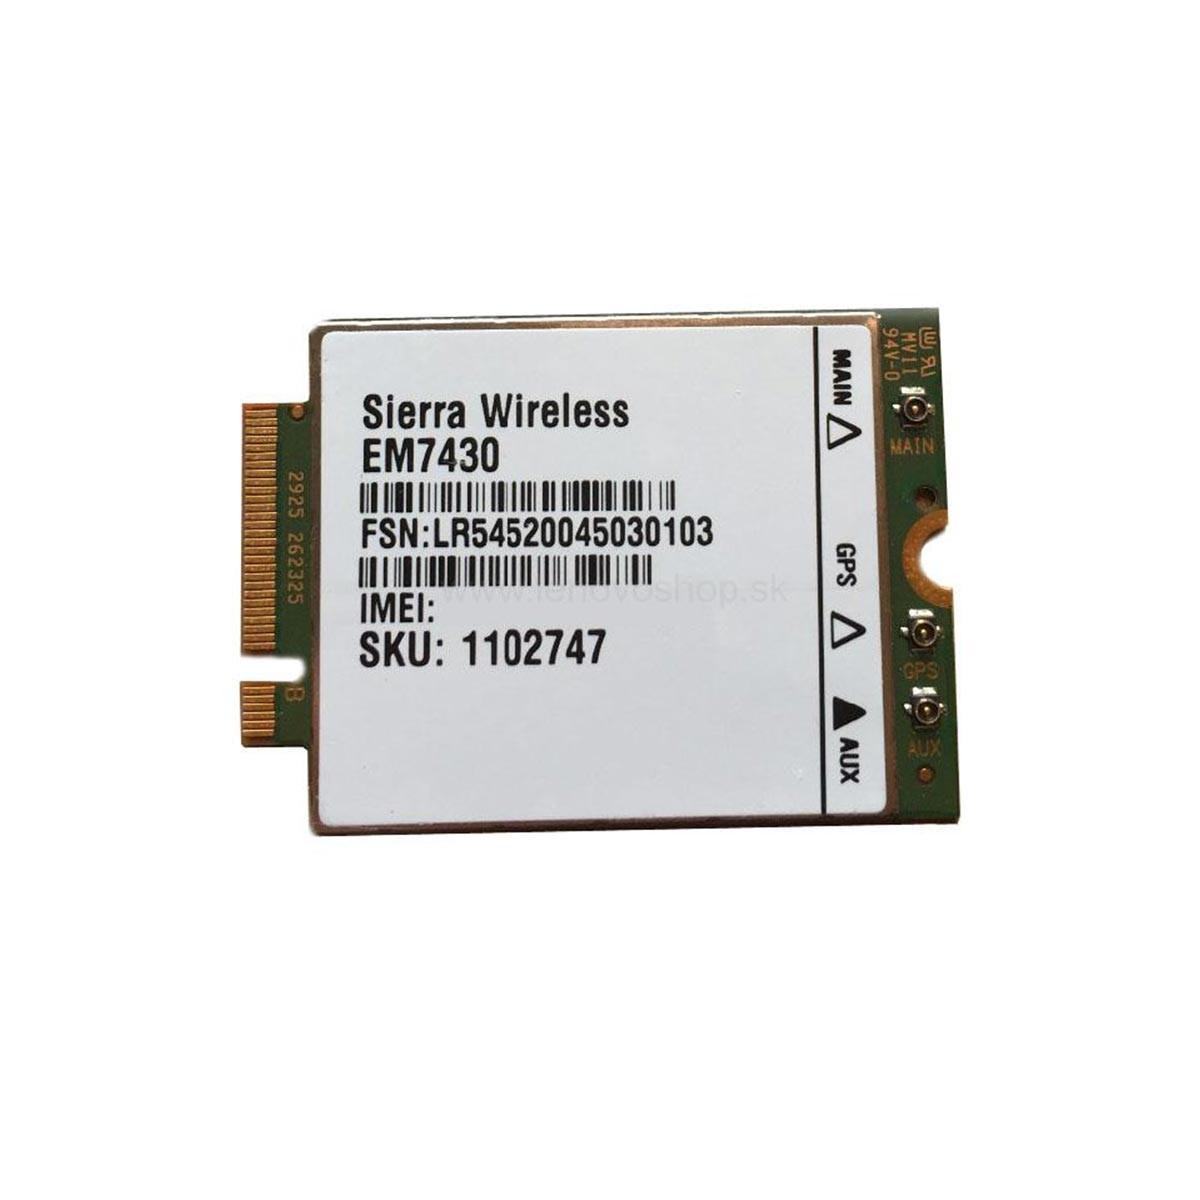 (EOL) Lenovo™ ThinkPad® Sierra EM7430 4G LTE Mobile Broadband